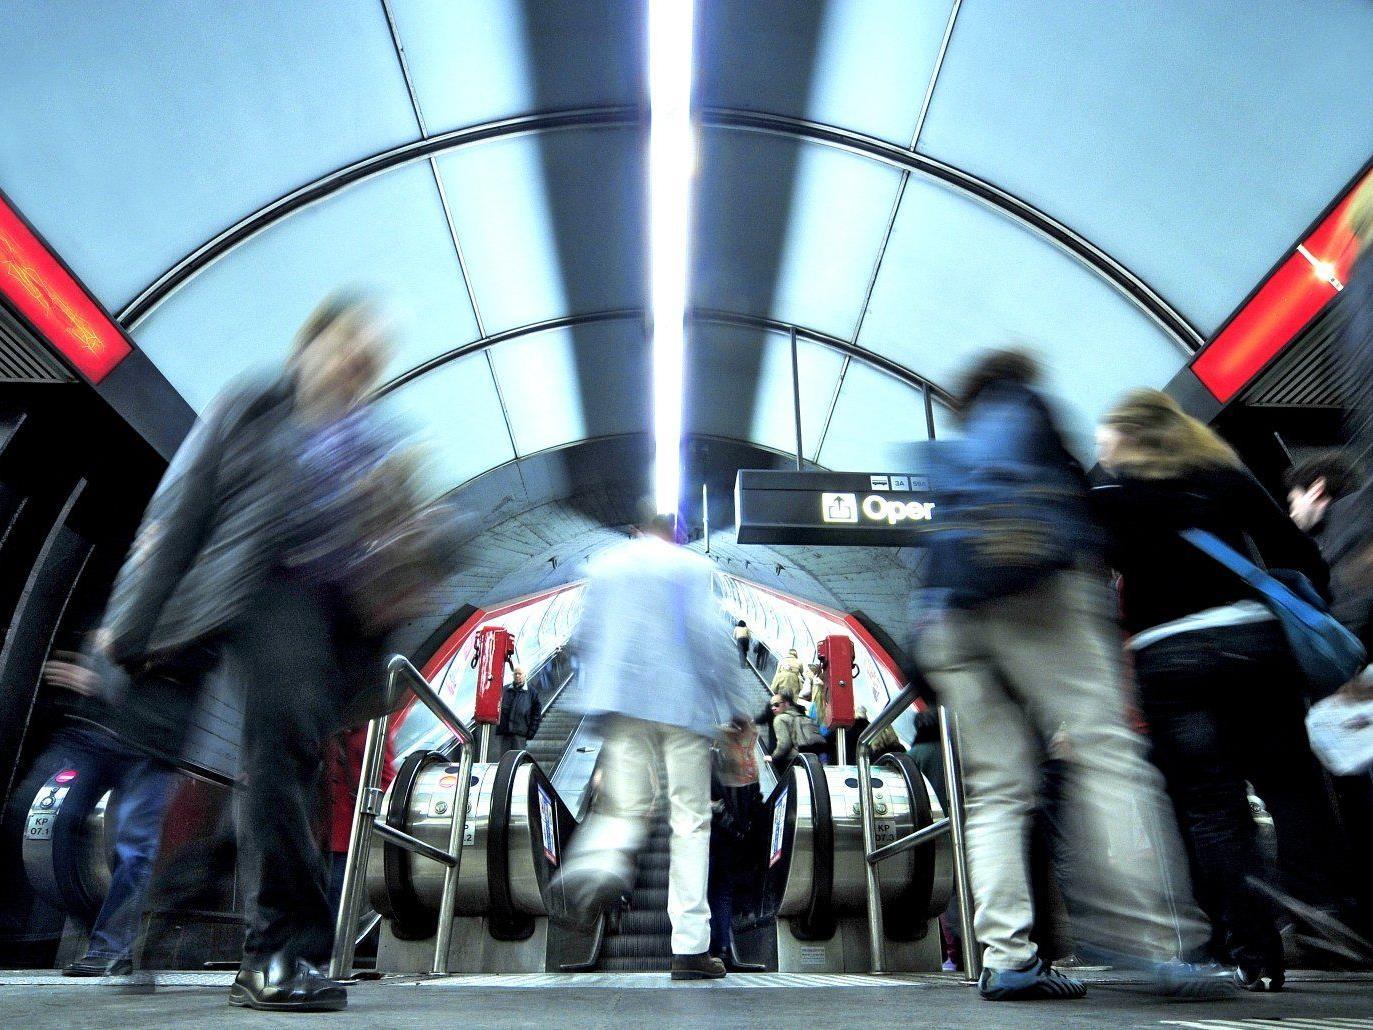 Alle Fahrgäste mussten die Station Karlsplatz verlassen.